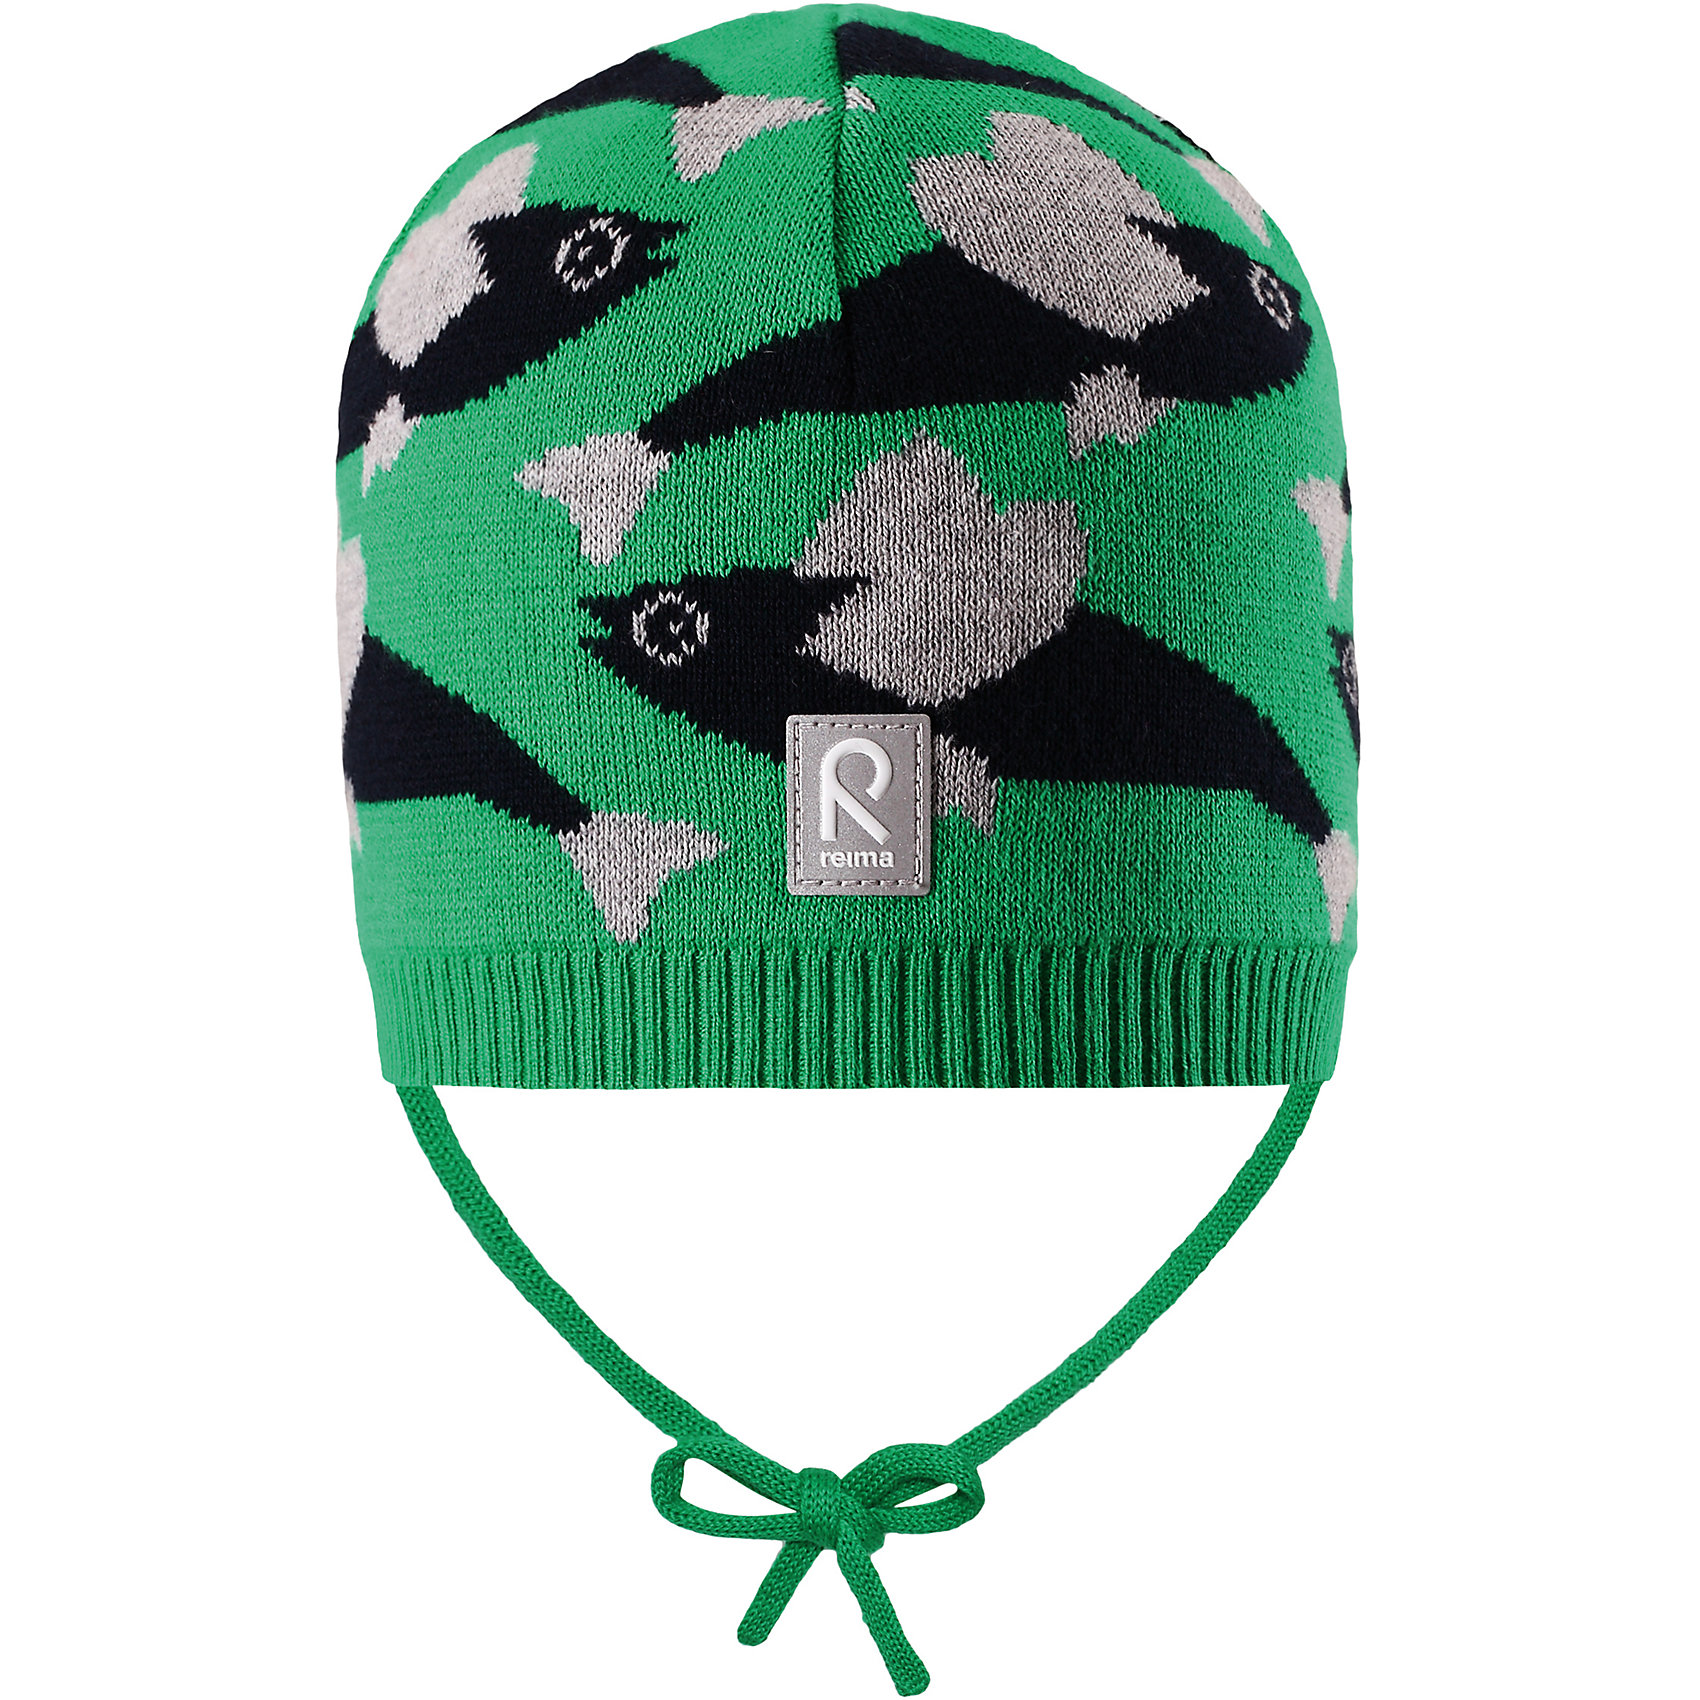 Шапка Harjus для мальчика ReimaШапки и шарфы<br>Характеристики товара:<br><br>• цвет: зелёный<br>• состав: 100% хлопок<br>• облегчённая модель без подкладки<br>• температурный режим: от +10С<br>• эластичный хлопковый трикотаж<br>• изделие сертифицированно по стандарту Oeko-Tex на продукцию класса 1 - одежда для новорождённых<br>• завязки во всех размерах<br>• эмблема Reima сзади<br>• сплошная жаккардовая узорная вязка<br>• страна бренда: Финляндия<br>• страна производства: Китай<br><br>Детский головной убор может быть модным и удобным одновременно! Стильная шапка поможет обеспечить ребенку комфорт и дополнить наряд.Шапка удобно сидит и аккуратно выглядит. Проста в уходе, долго служит. Стильный дизайн разрабатывался специально для детей. Отличная защита от дождя и ветра!<br><br>Уход:<br><br>• стирать по отдельности, вывернув наизнанку<br>• придать первоначальную форму вo влажном виде<br>• возможна усадка 5 %.<br><br>Шапку для мальчика от финского бренда Reima (Рейма) можно купить в нашем интернет-магазине.<br><br>Ширина мм: 89<br>Глубина мм: 117<br>Высота мм: 44<br>Вес г: 155<br>Цвет: зеленый<br>Возраст от месяцев: 6<br>Возраст до месяцев: 9<br>Пол: Мужской<br>Возраст: Детский<br>Размер: 46,52,50,48<br>SKU: 5270936